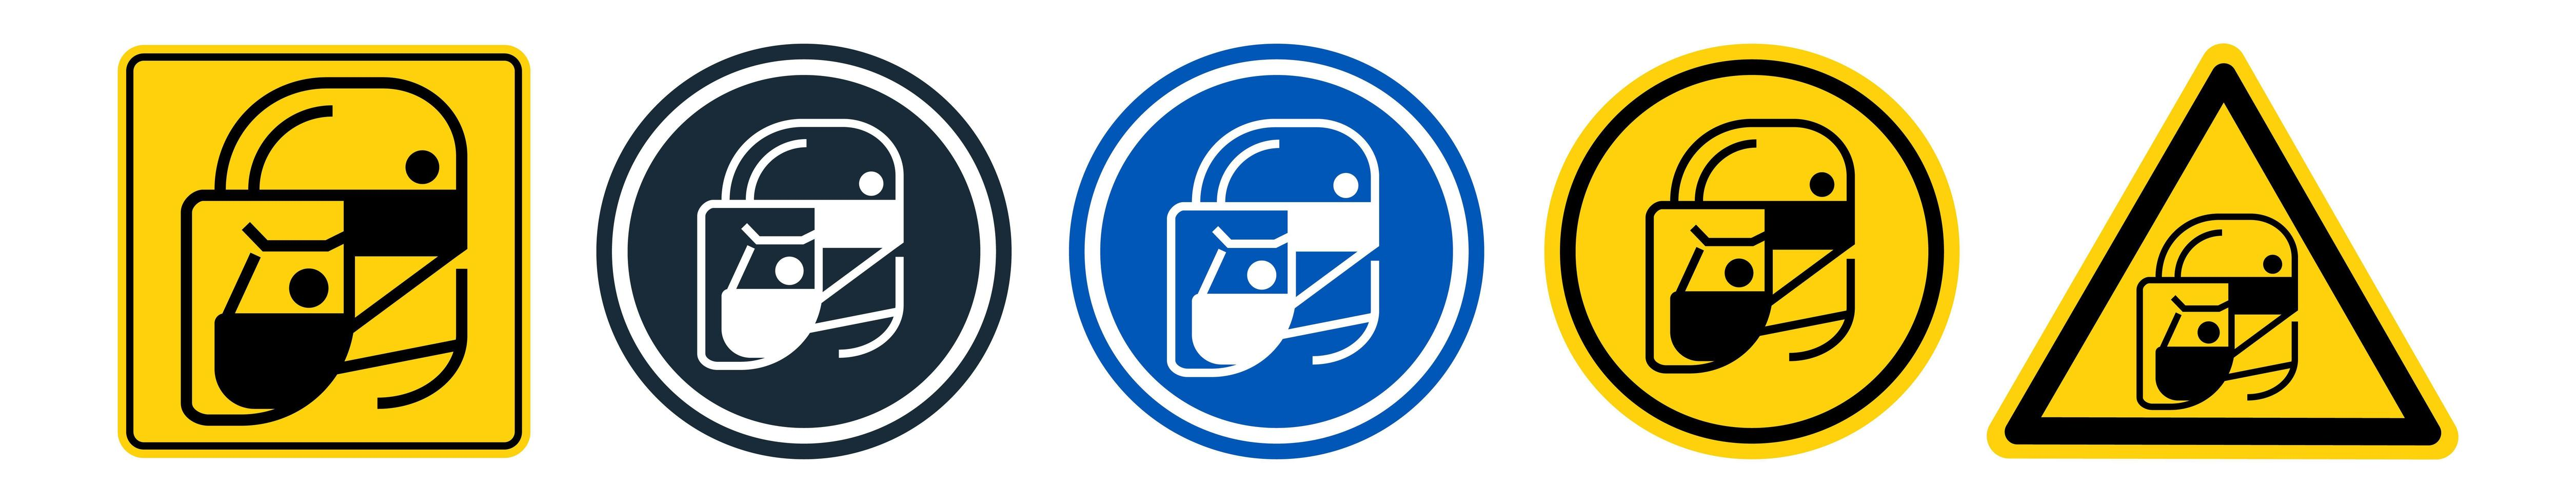 set van beschermende gelaatsscherm iconen vector